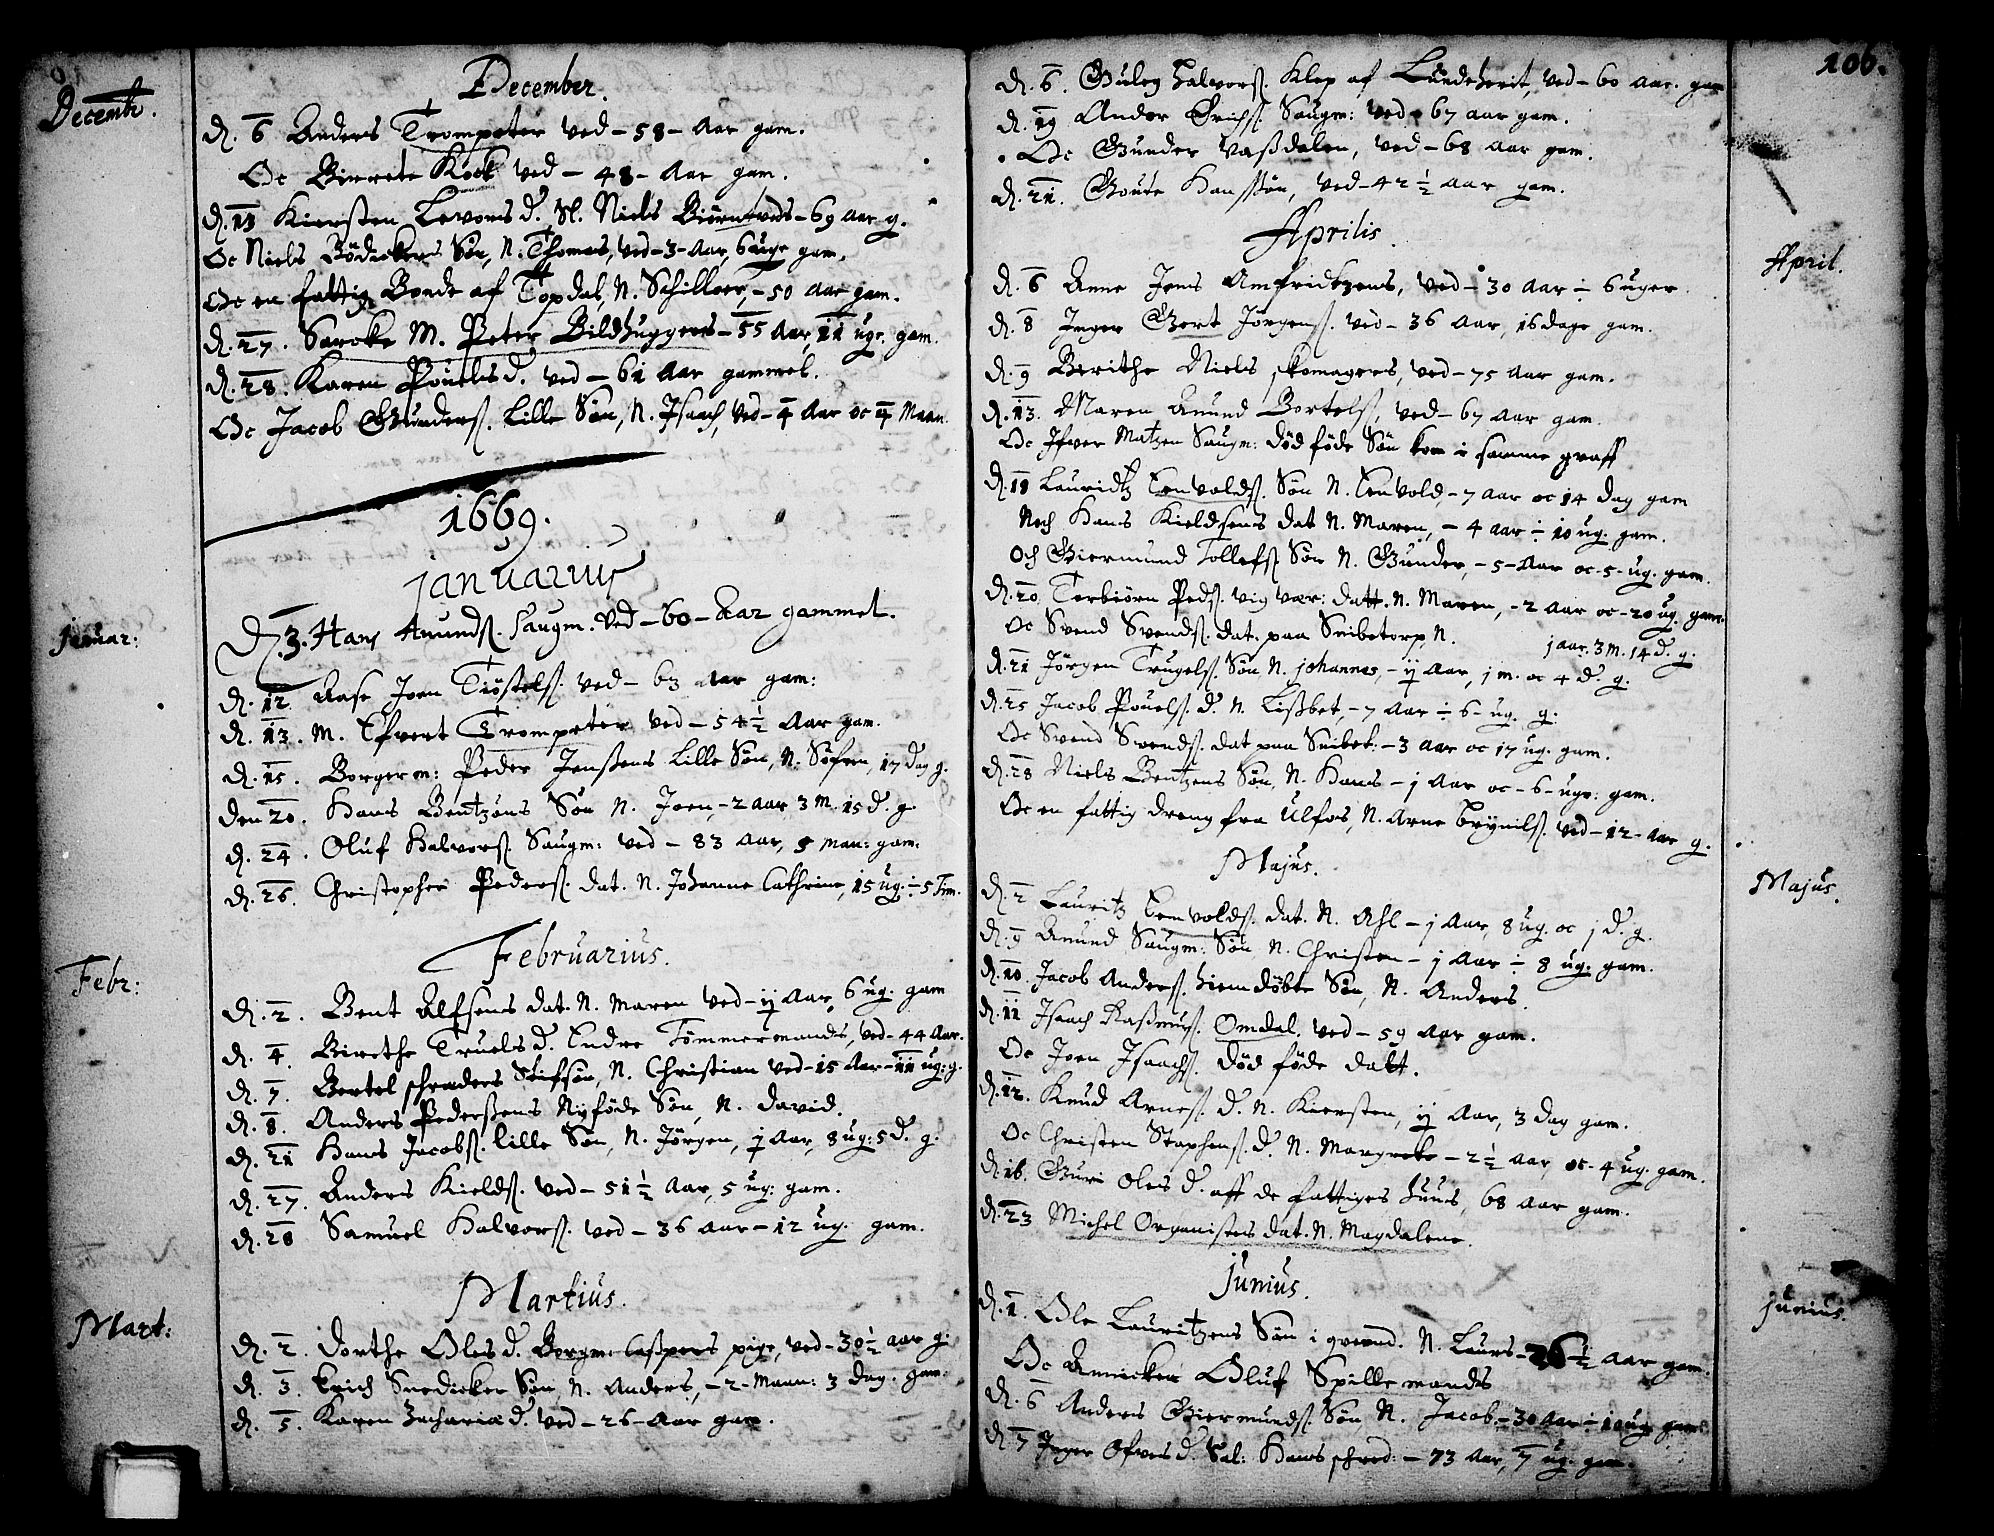 SAKO, Skien kirkebøker, F/Fa/L0001: Ministerialbok nr. 1, 1659-1679, s. 106